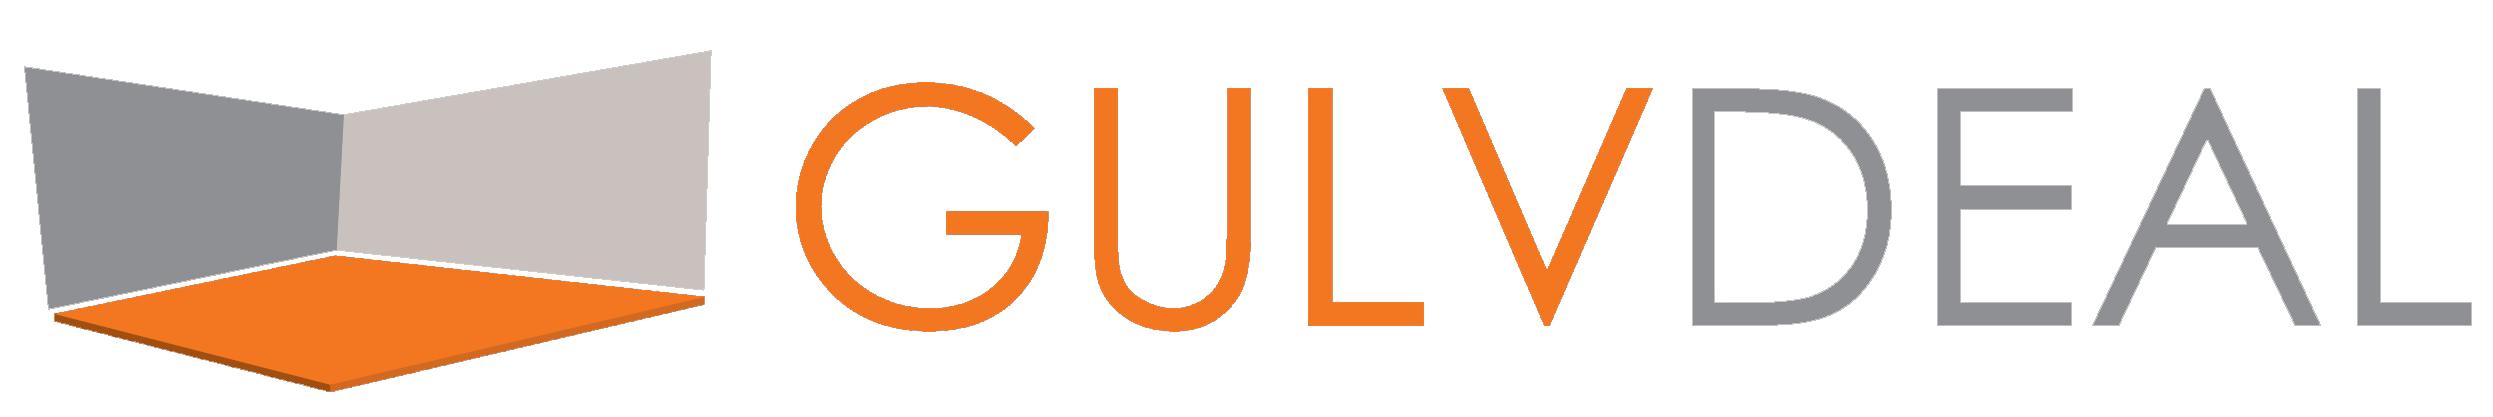 gulvdeal logo